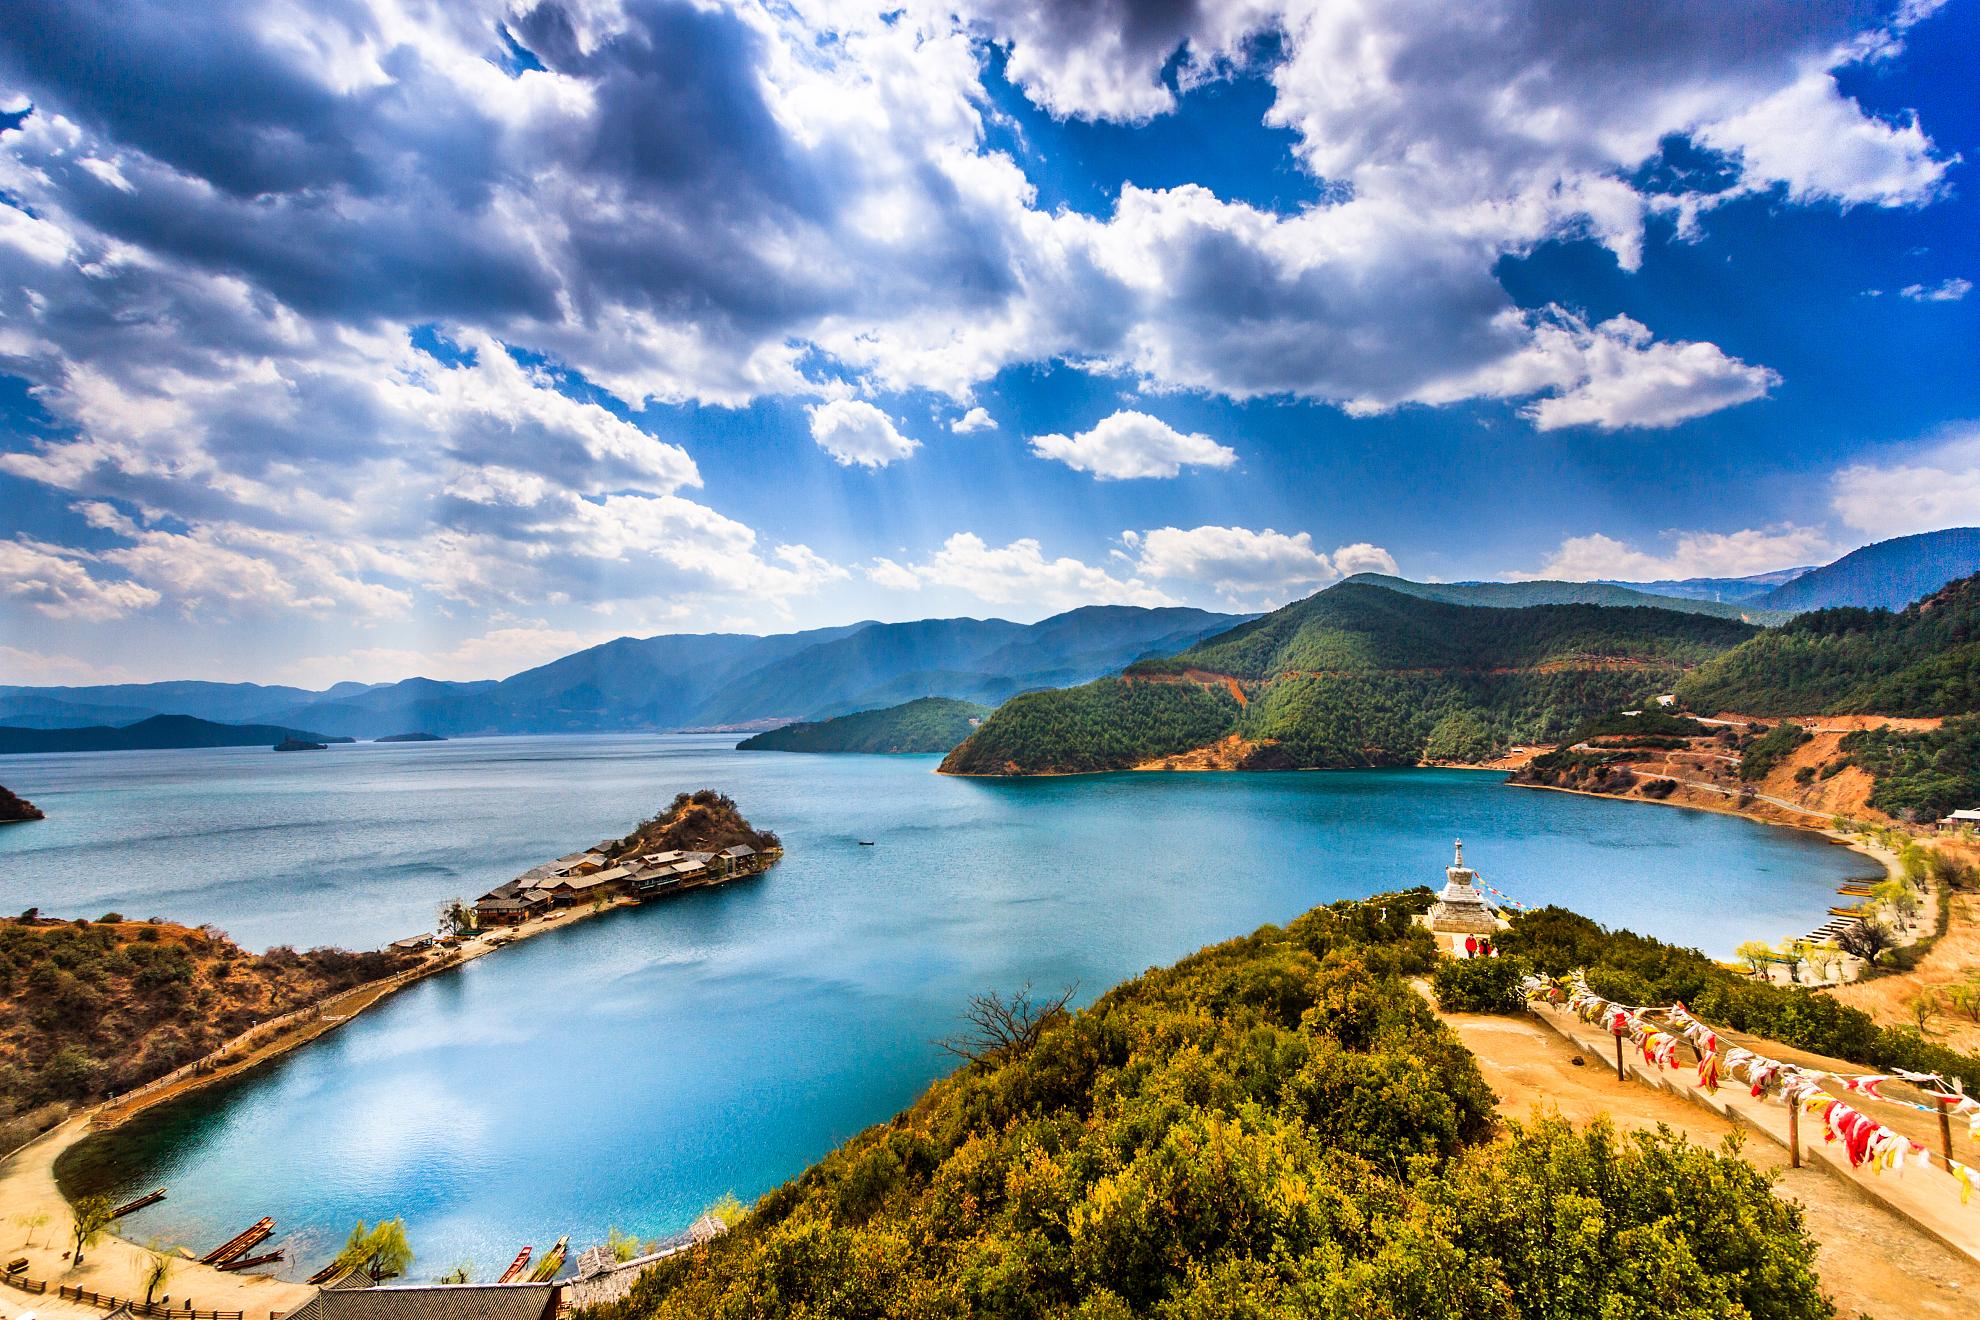 丽江-泸沽湖2日游360°环湖;赠篝火晚会;草海走婚桥,情人树 ,体验摩梭风情